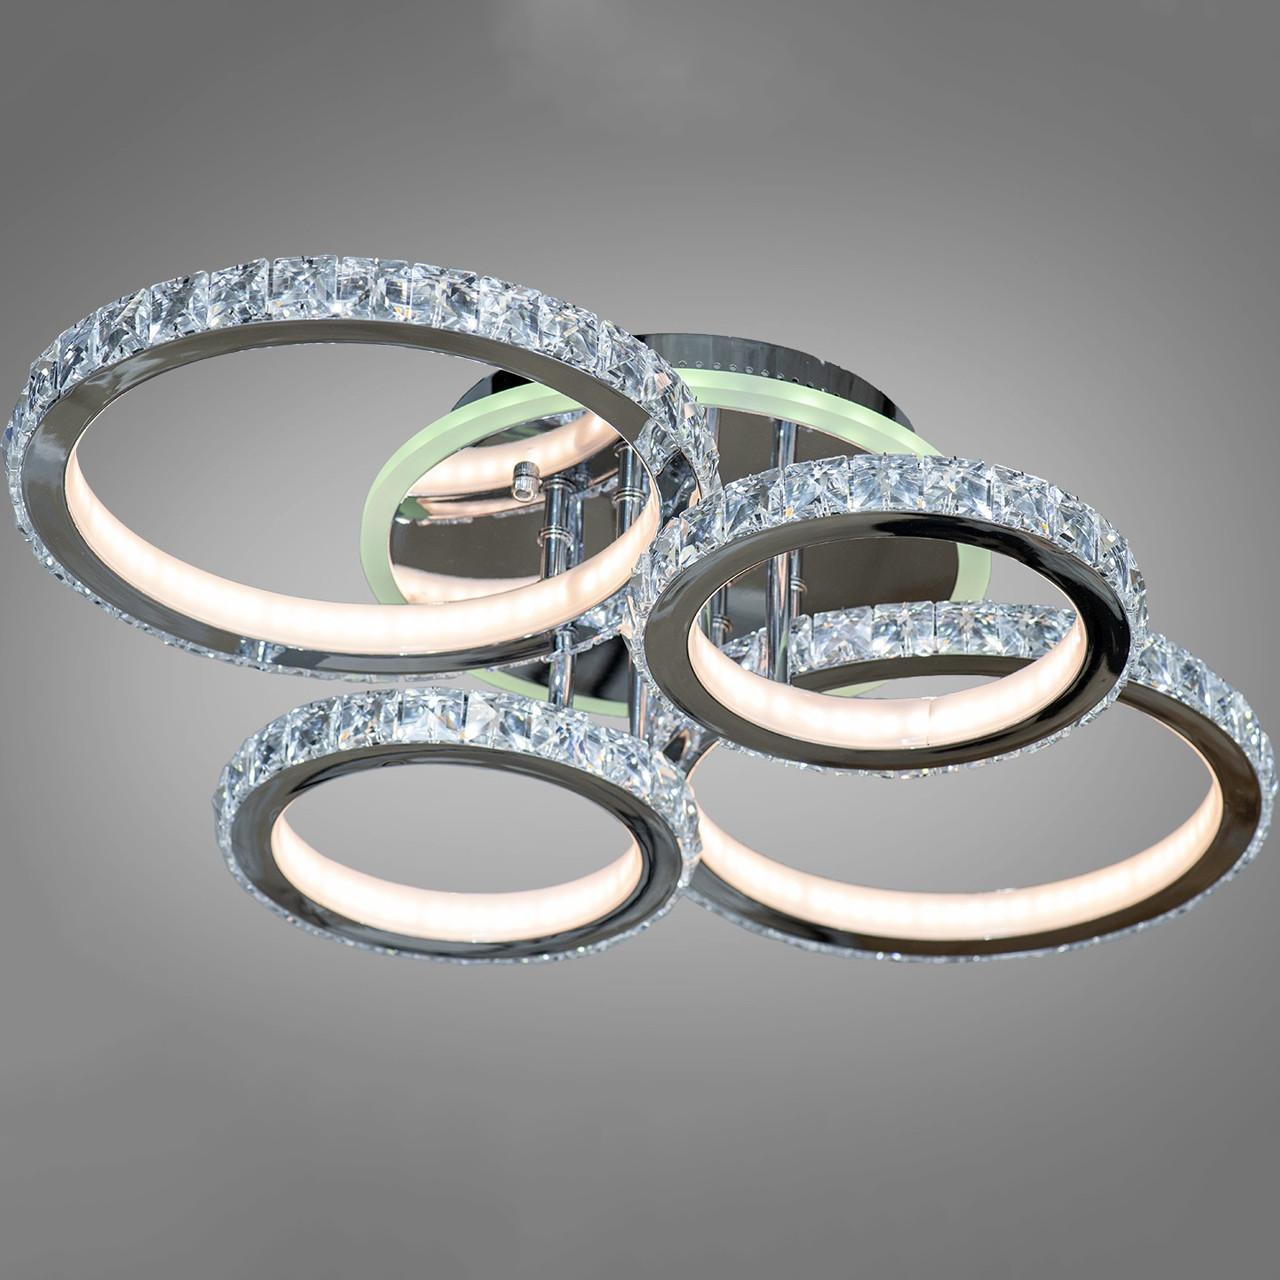 Хромована LED люстра 140 Вт з кришталевим обрамленням і підсвічуванням підстави 7 кольорів D-S9417/4 LED RGB